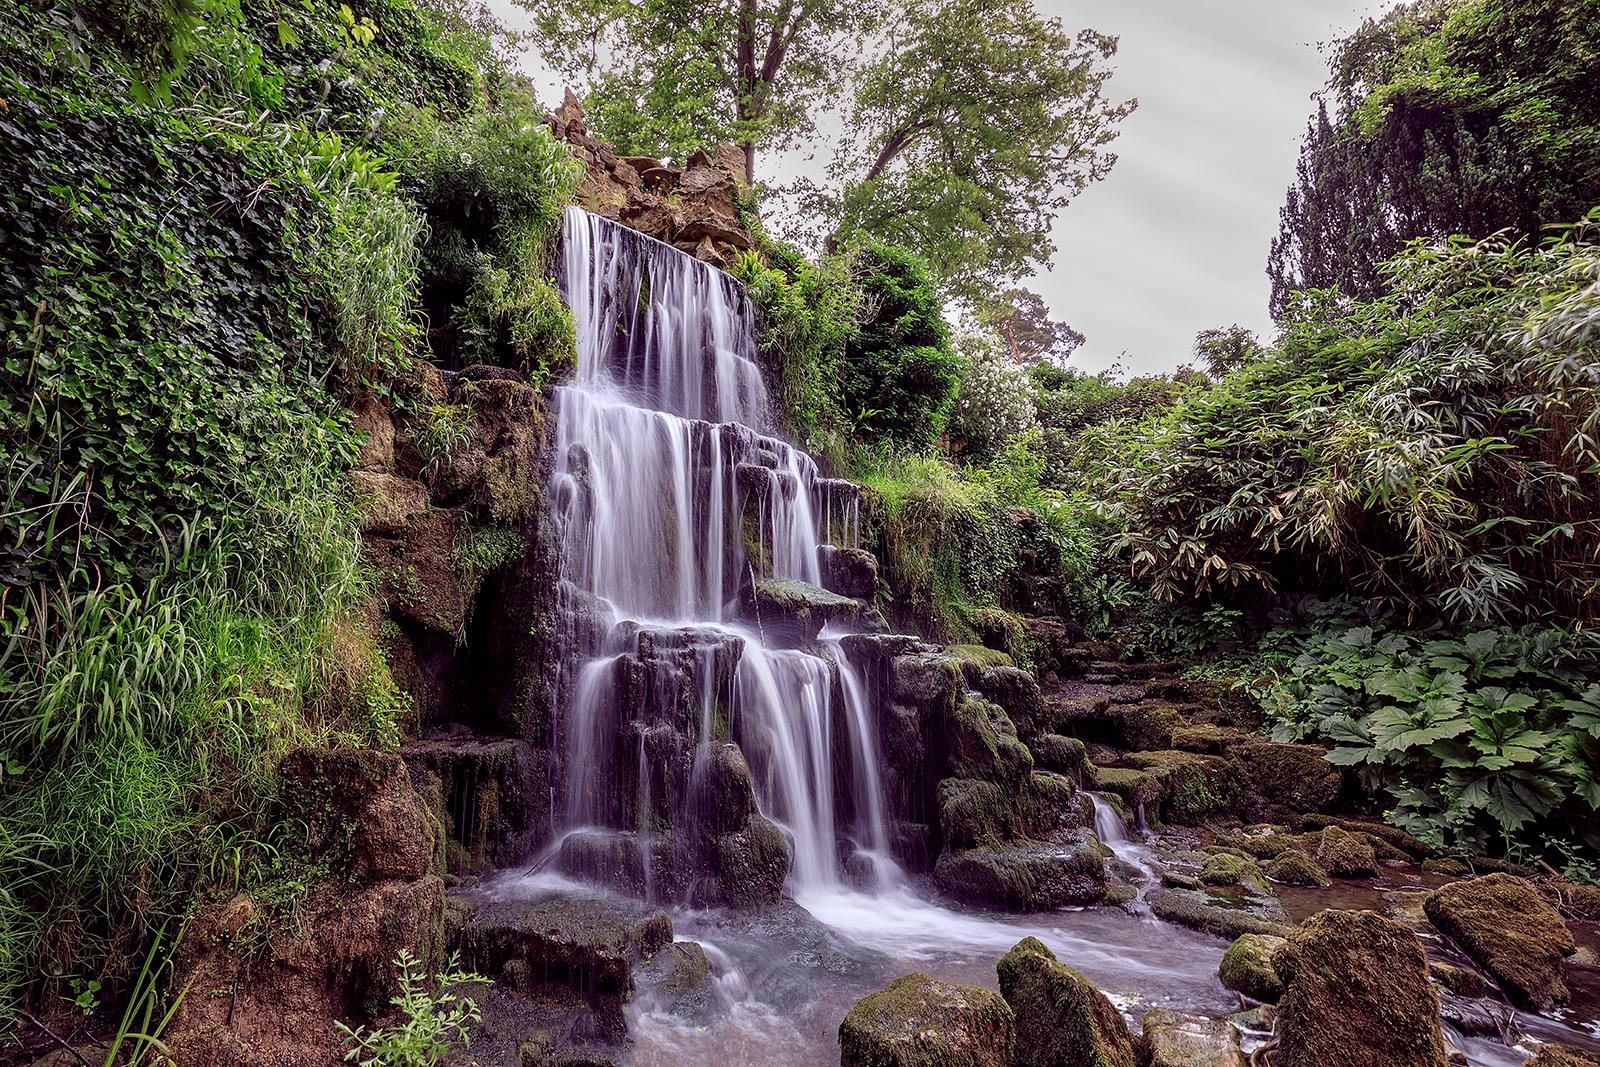 Third 'Bowood Cascade' by Shaun Duke